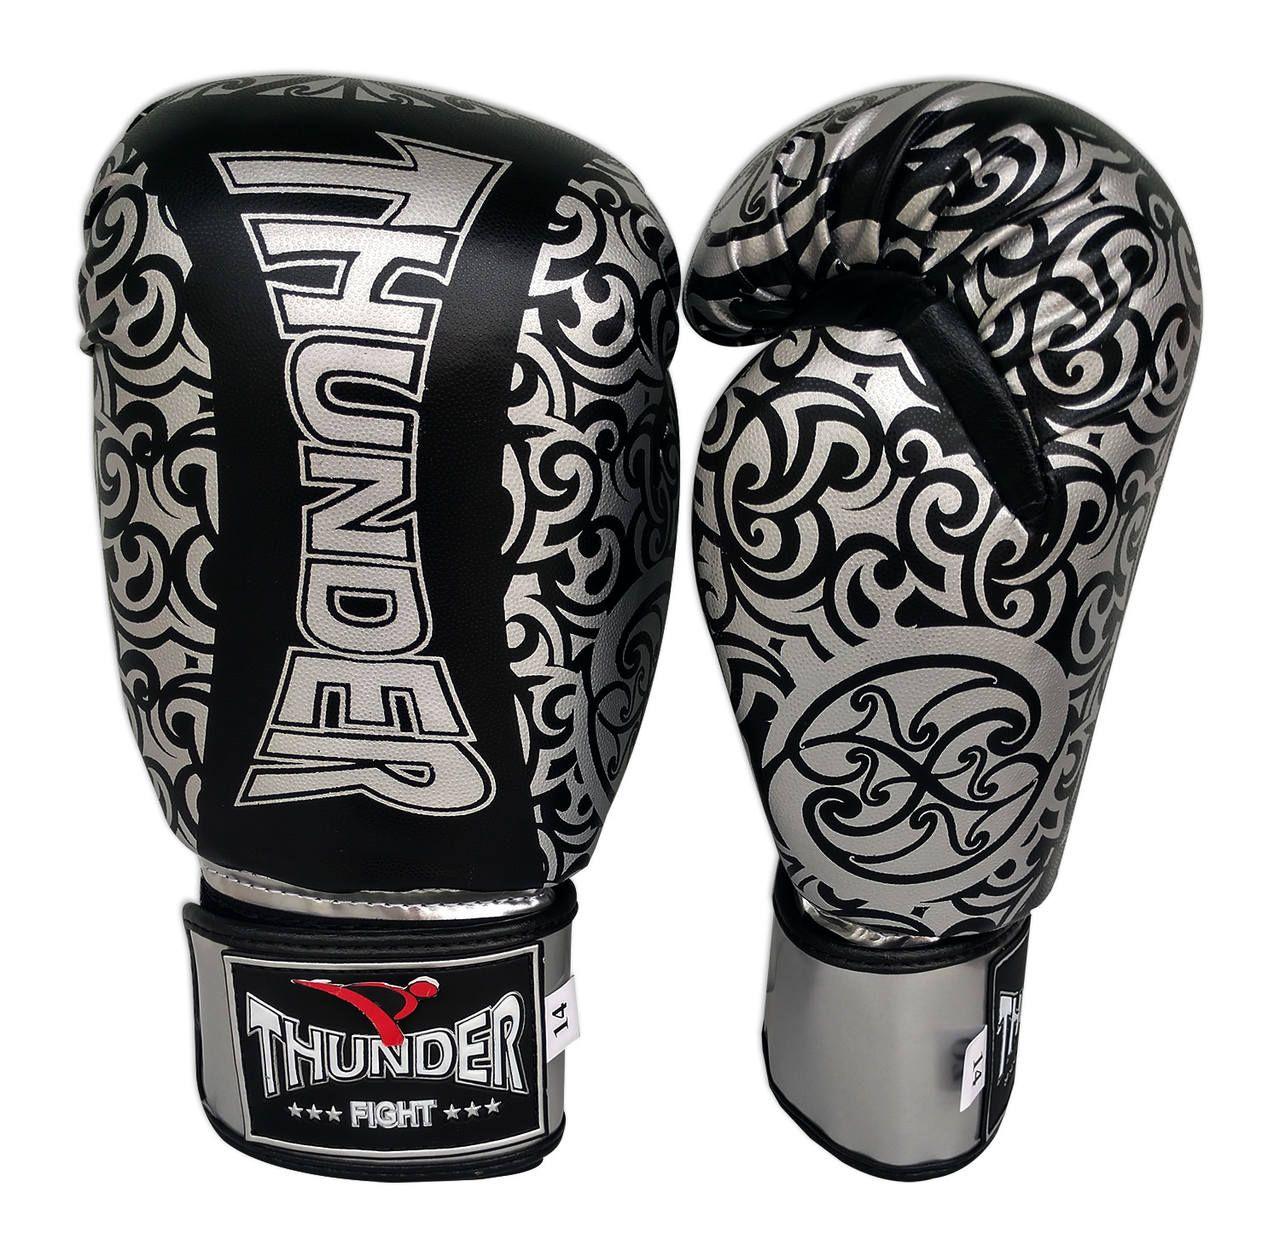 Kit de Muay Thai / Kickboxing 14oz -Preto com Prata Maori - Thunder Fight  - PRALUTA SHOP